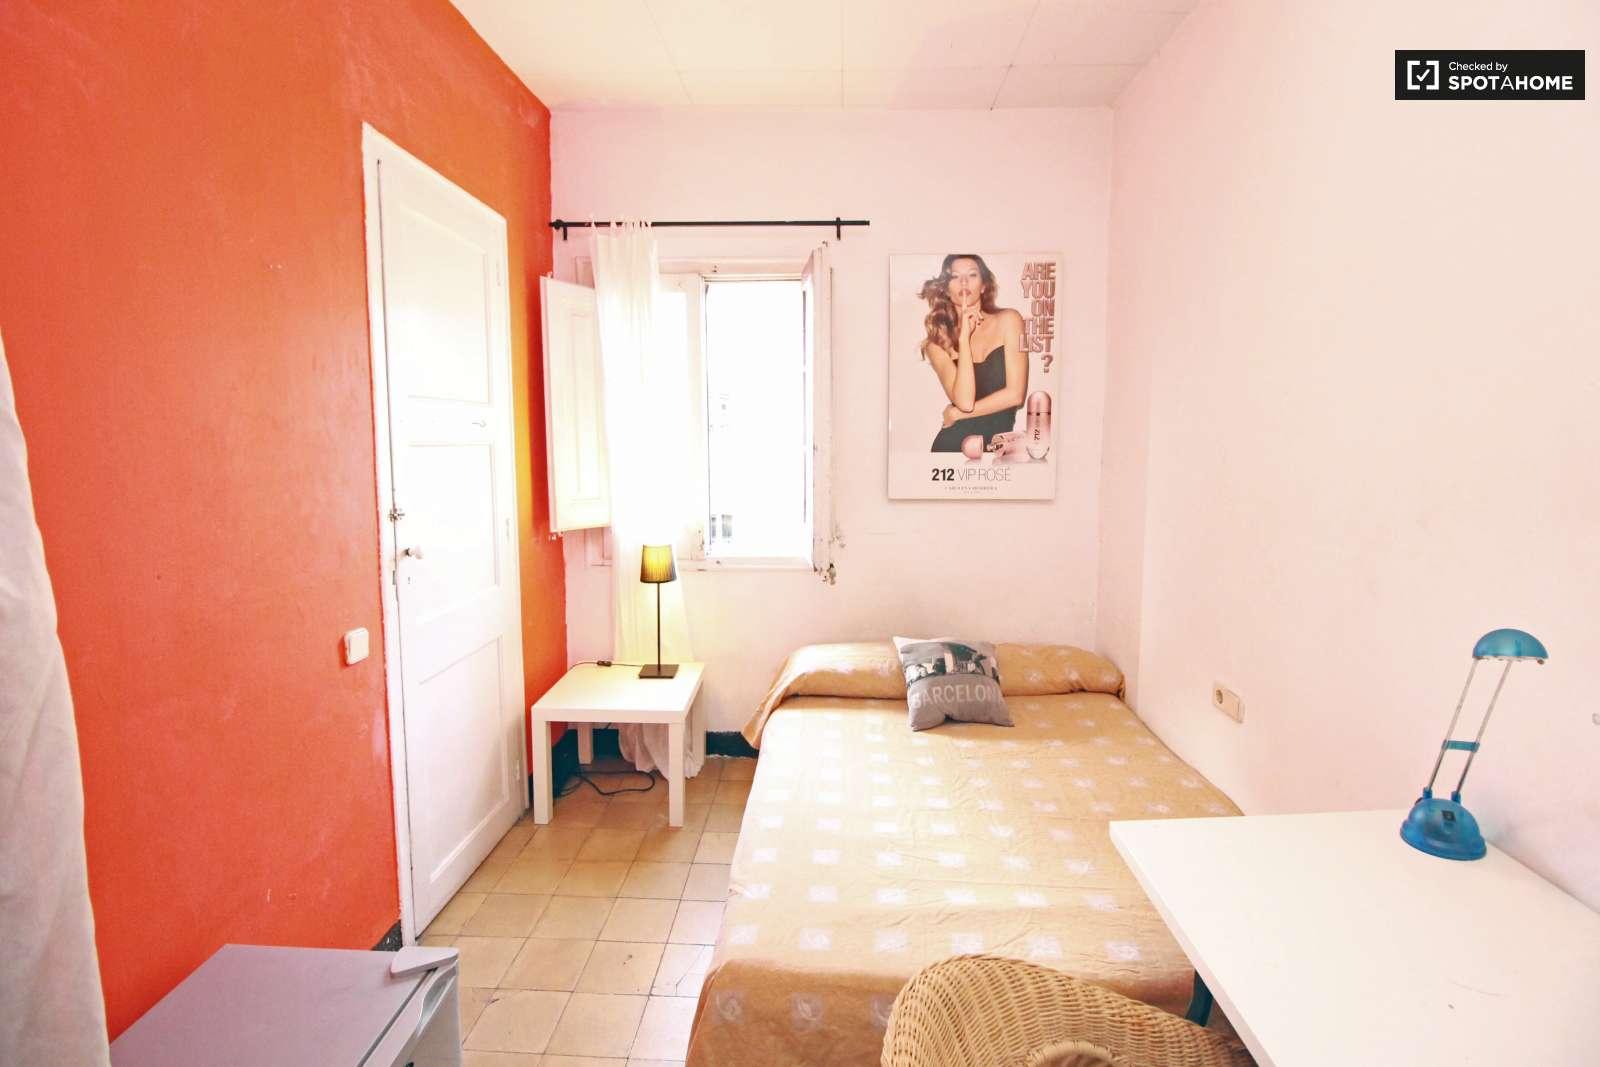 Maravillosa habitaci n en piso de 5 habitaciones en for Piso 5 habitaciones